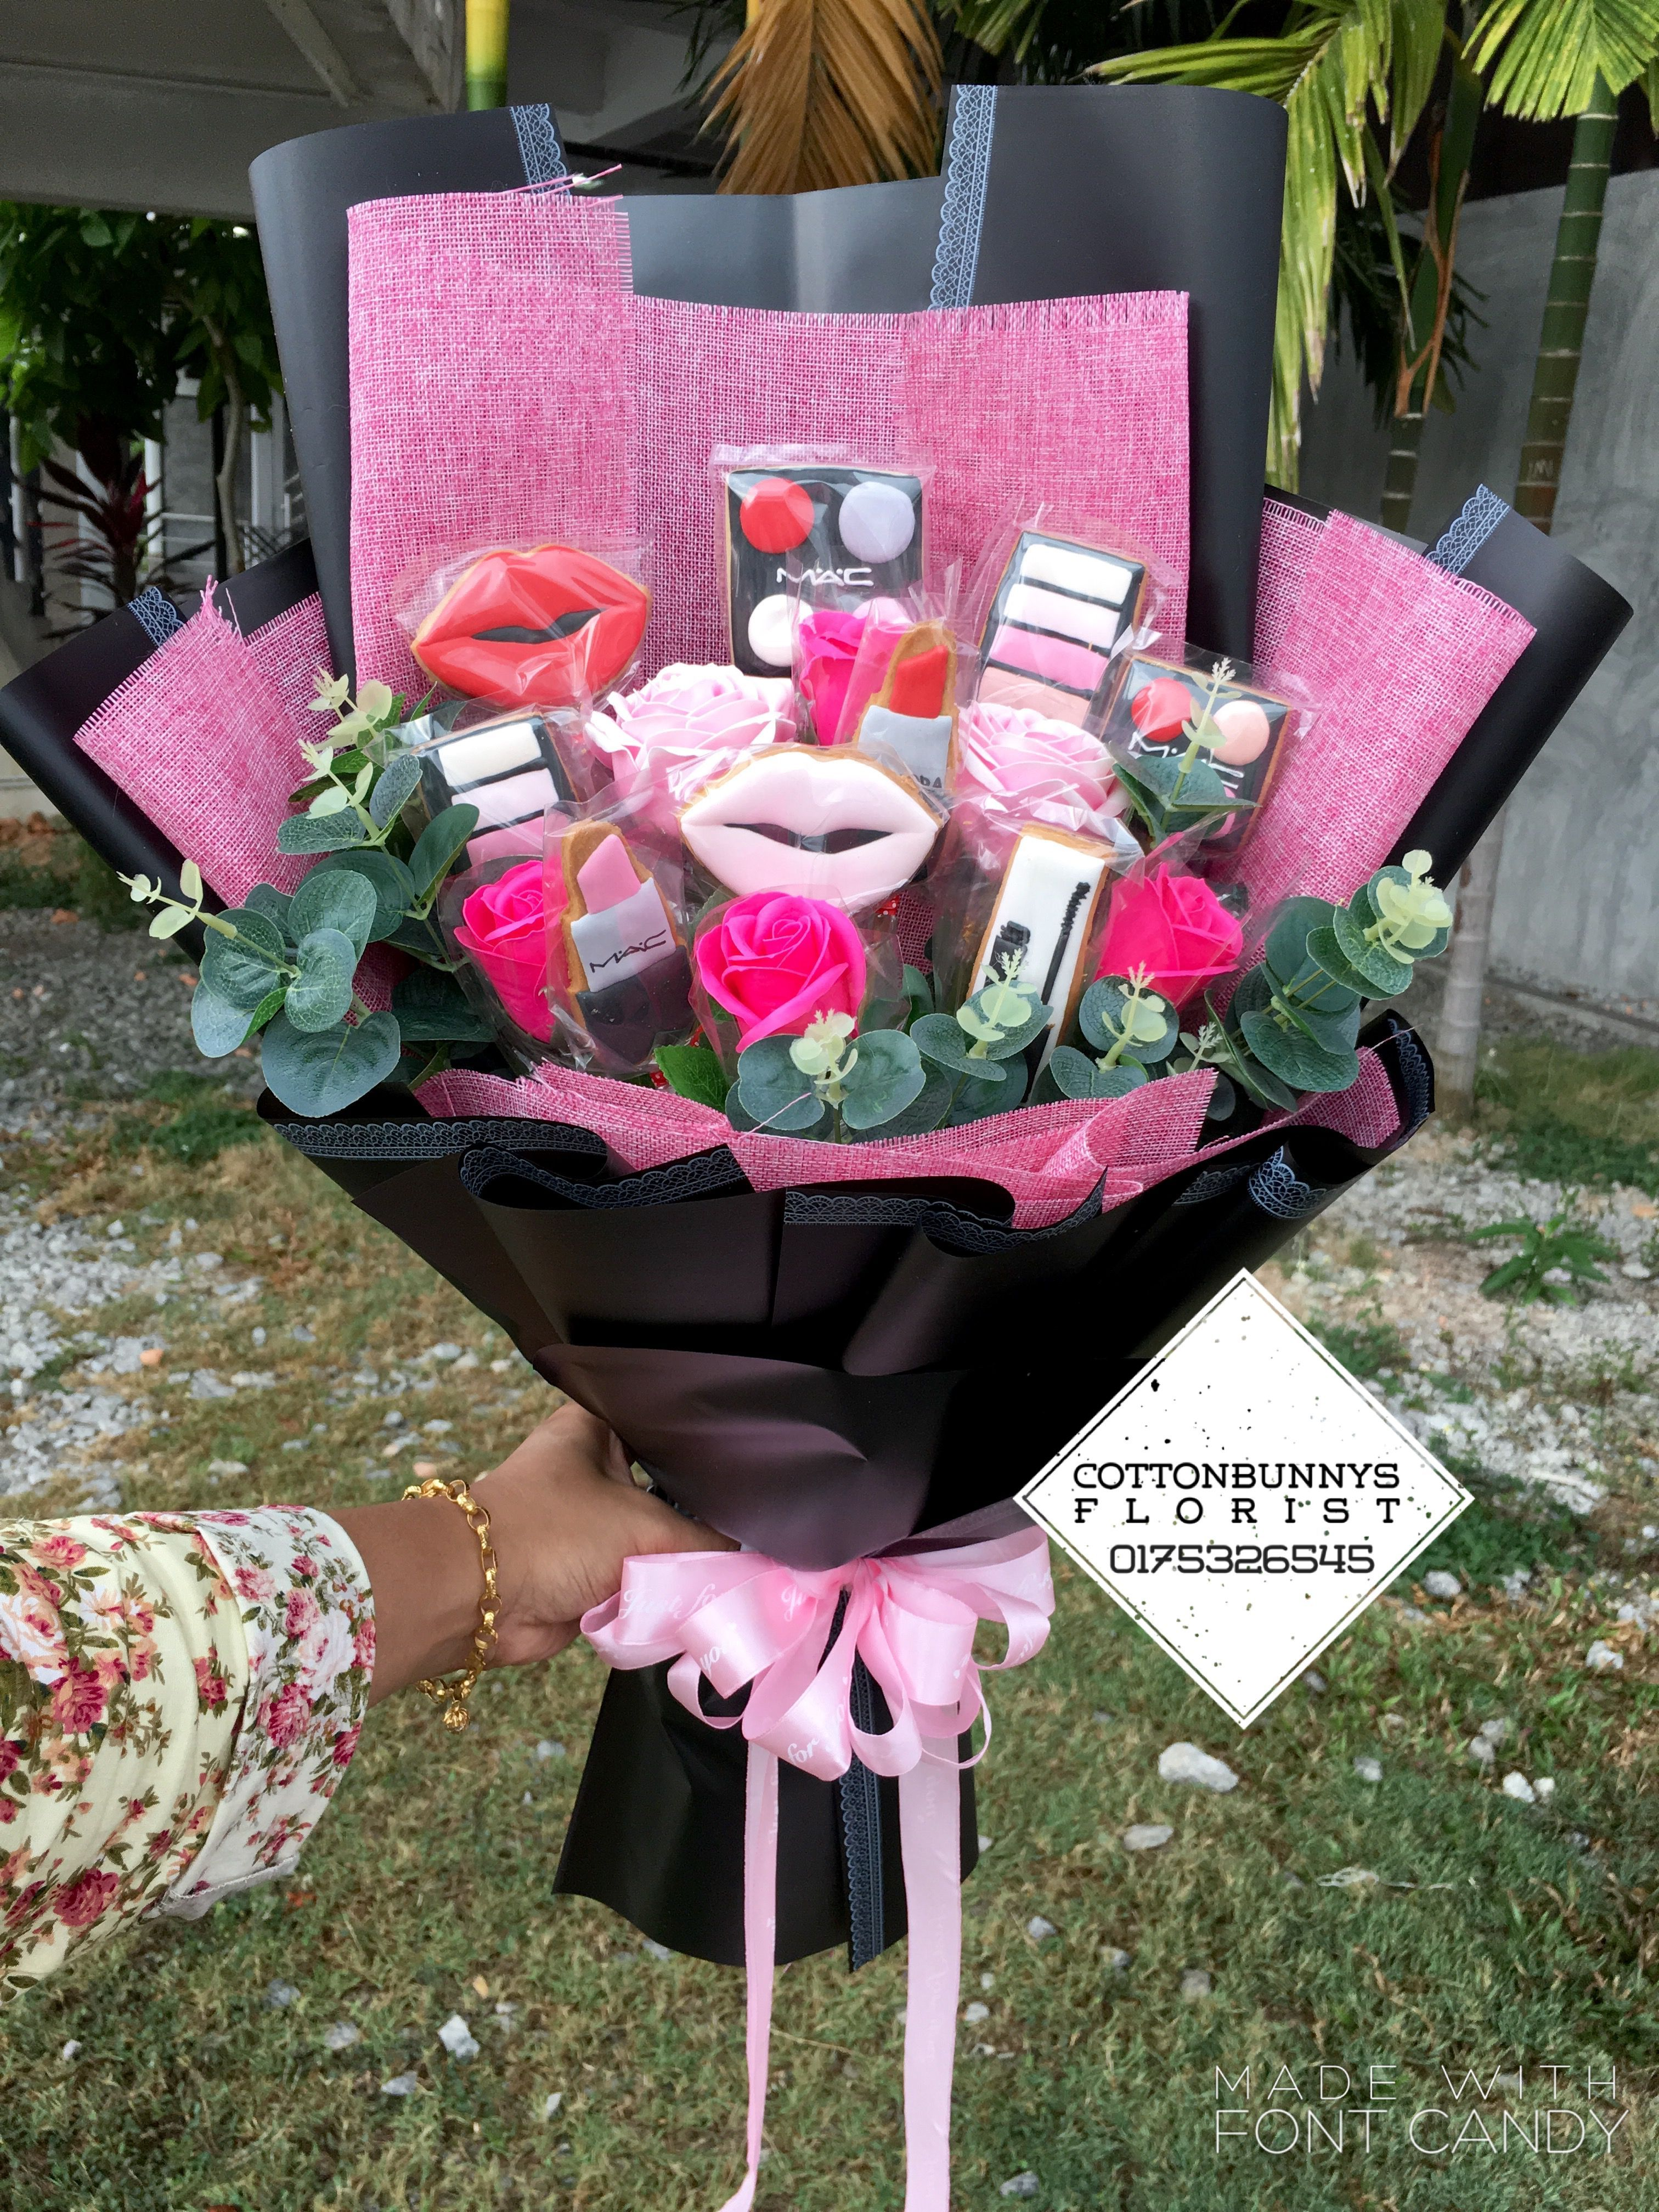 Beauty Flower Bouquet Gift Ideas Makeup Cookies Girls Girlfriend In 2020 Flowers Bouquet Gift Makeup Bouquet Gift Gift Bouquet